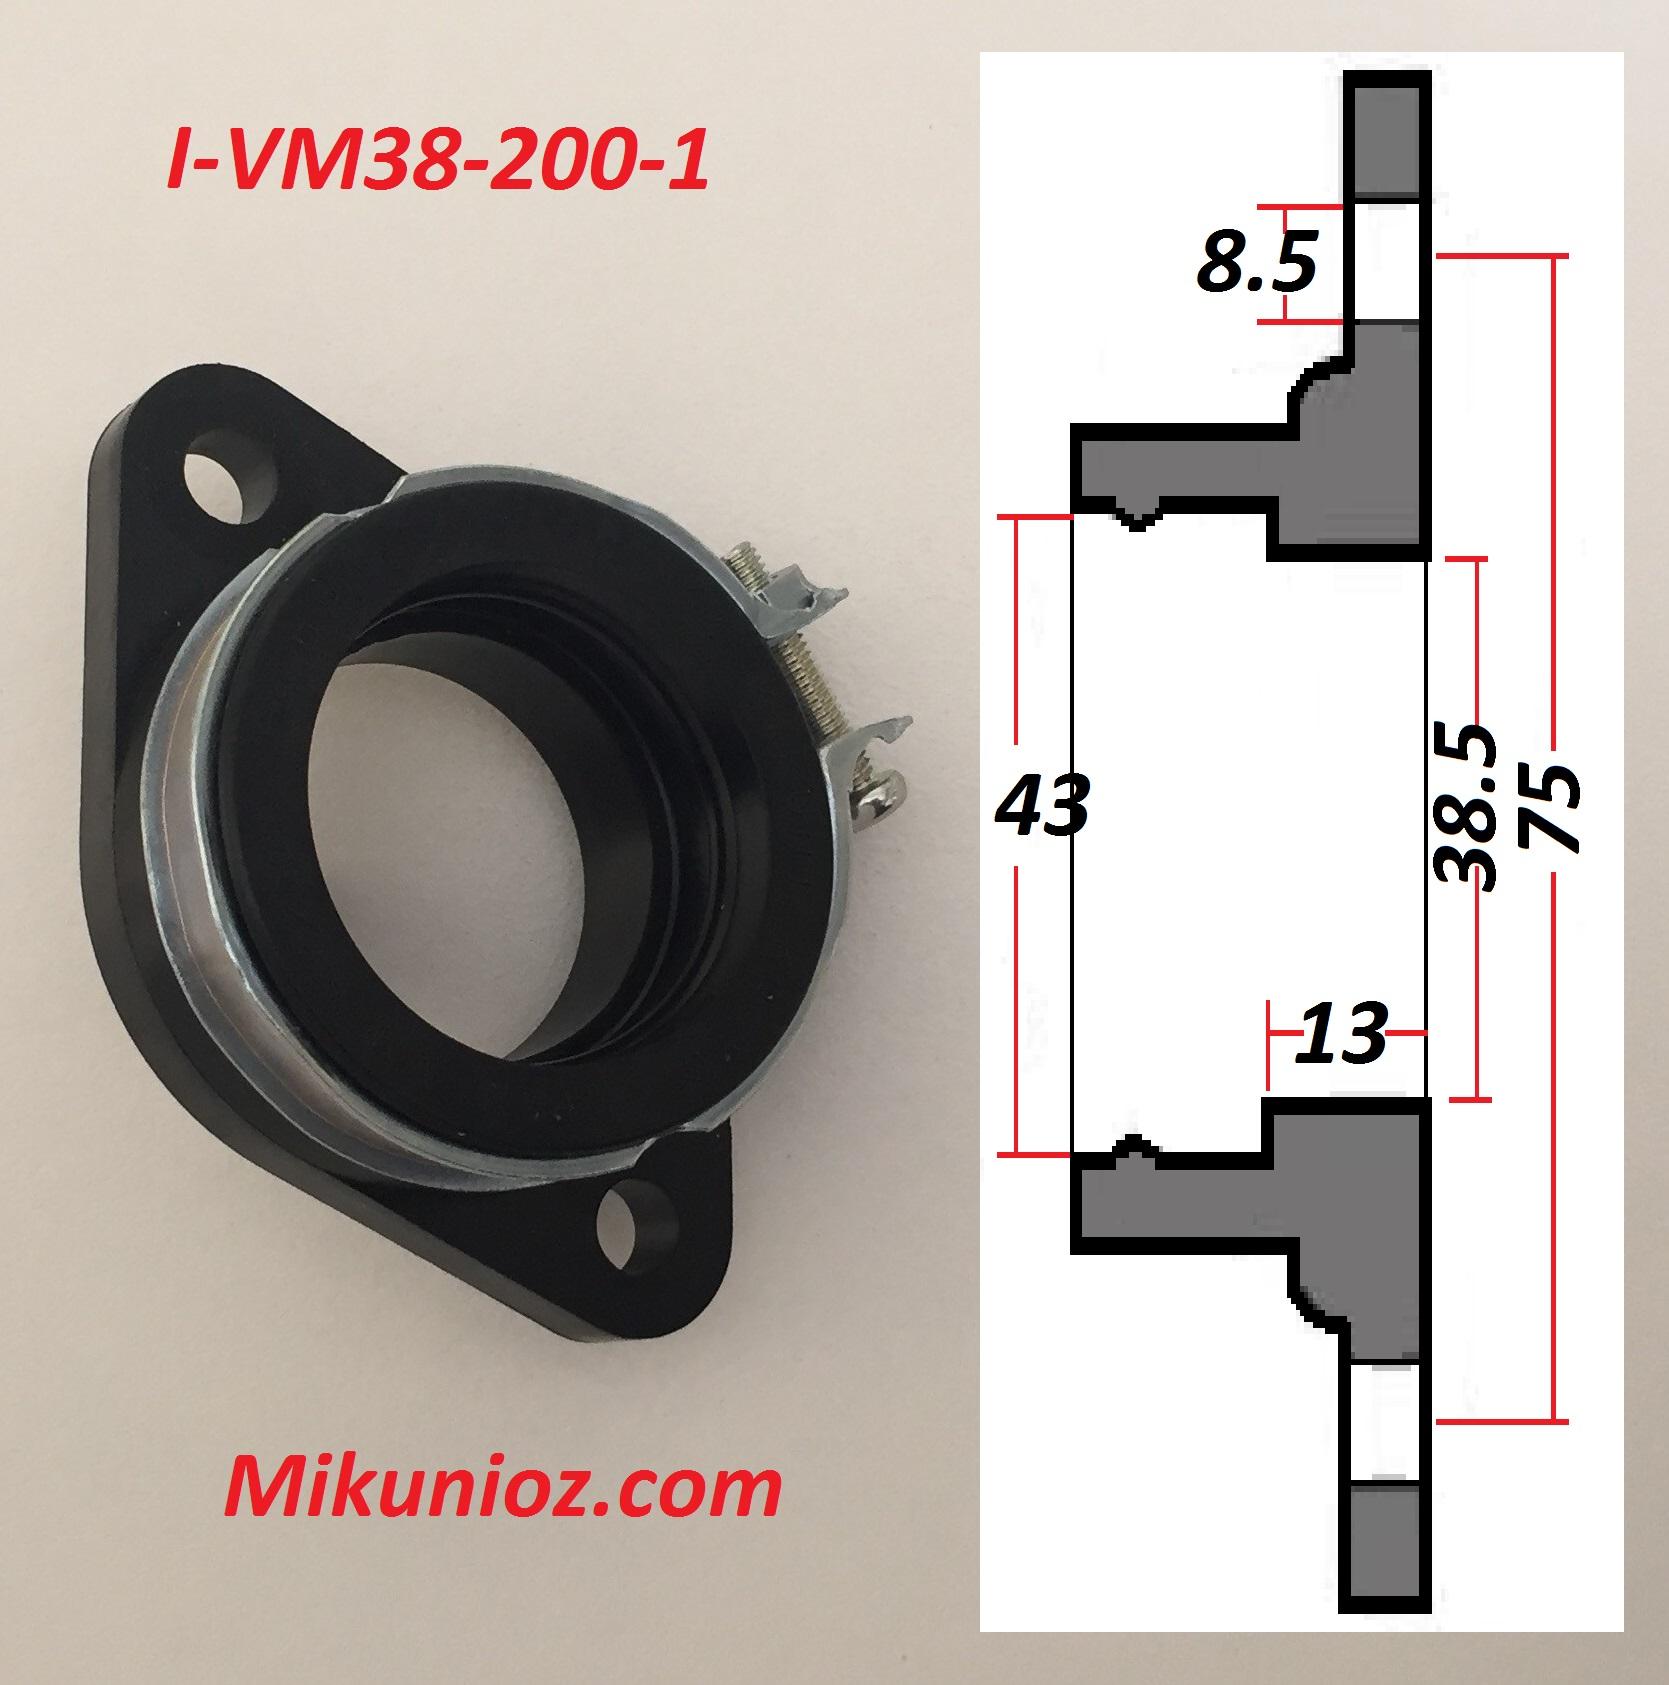 I-VM38-200-1 Mikuni Flange,43mm carb spigot dia-75mm bolt centres